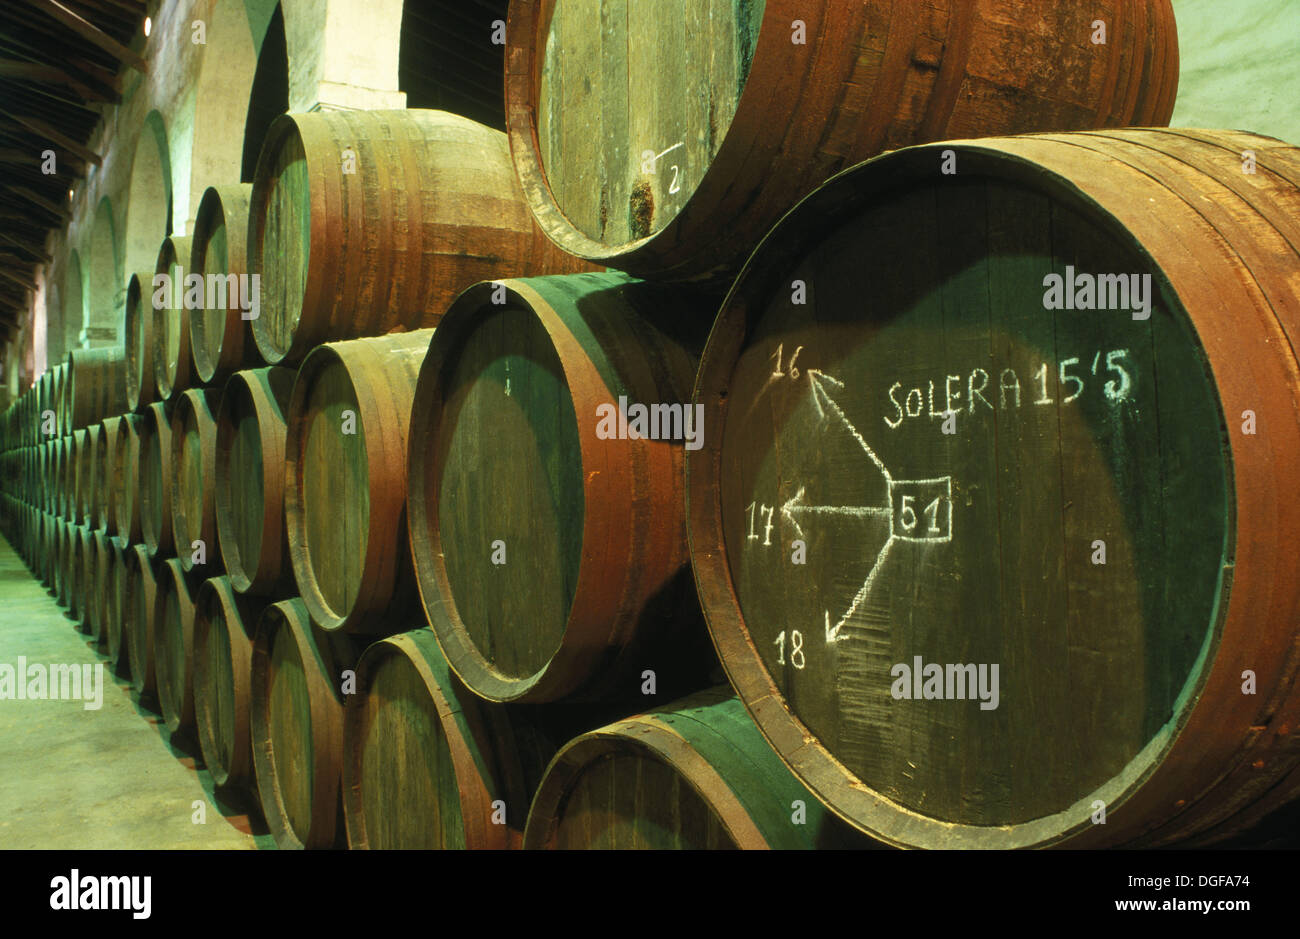 Condado de Huelva (Quality Wine Produced in Specific Region appellation) wine cellar Bollullos. Huelva province Andalusia & Condado de Huelva (Quality Wine Produced in Specific Region Stock ...